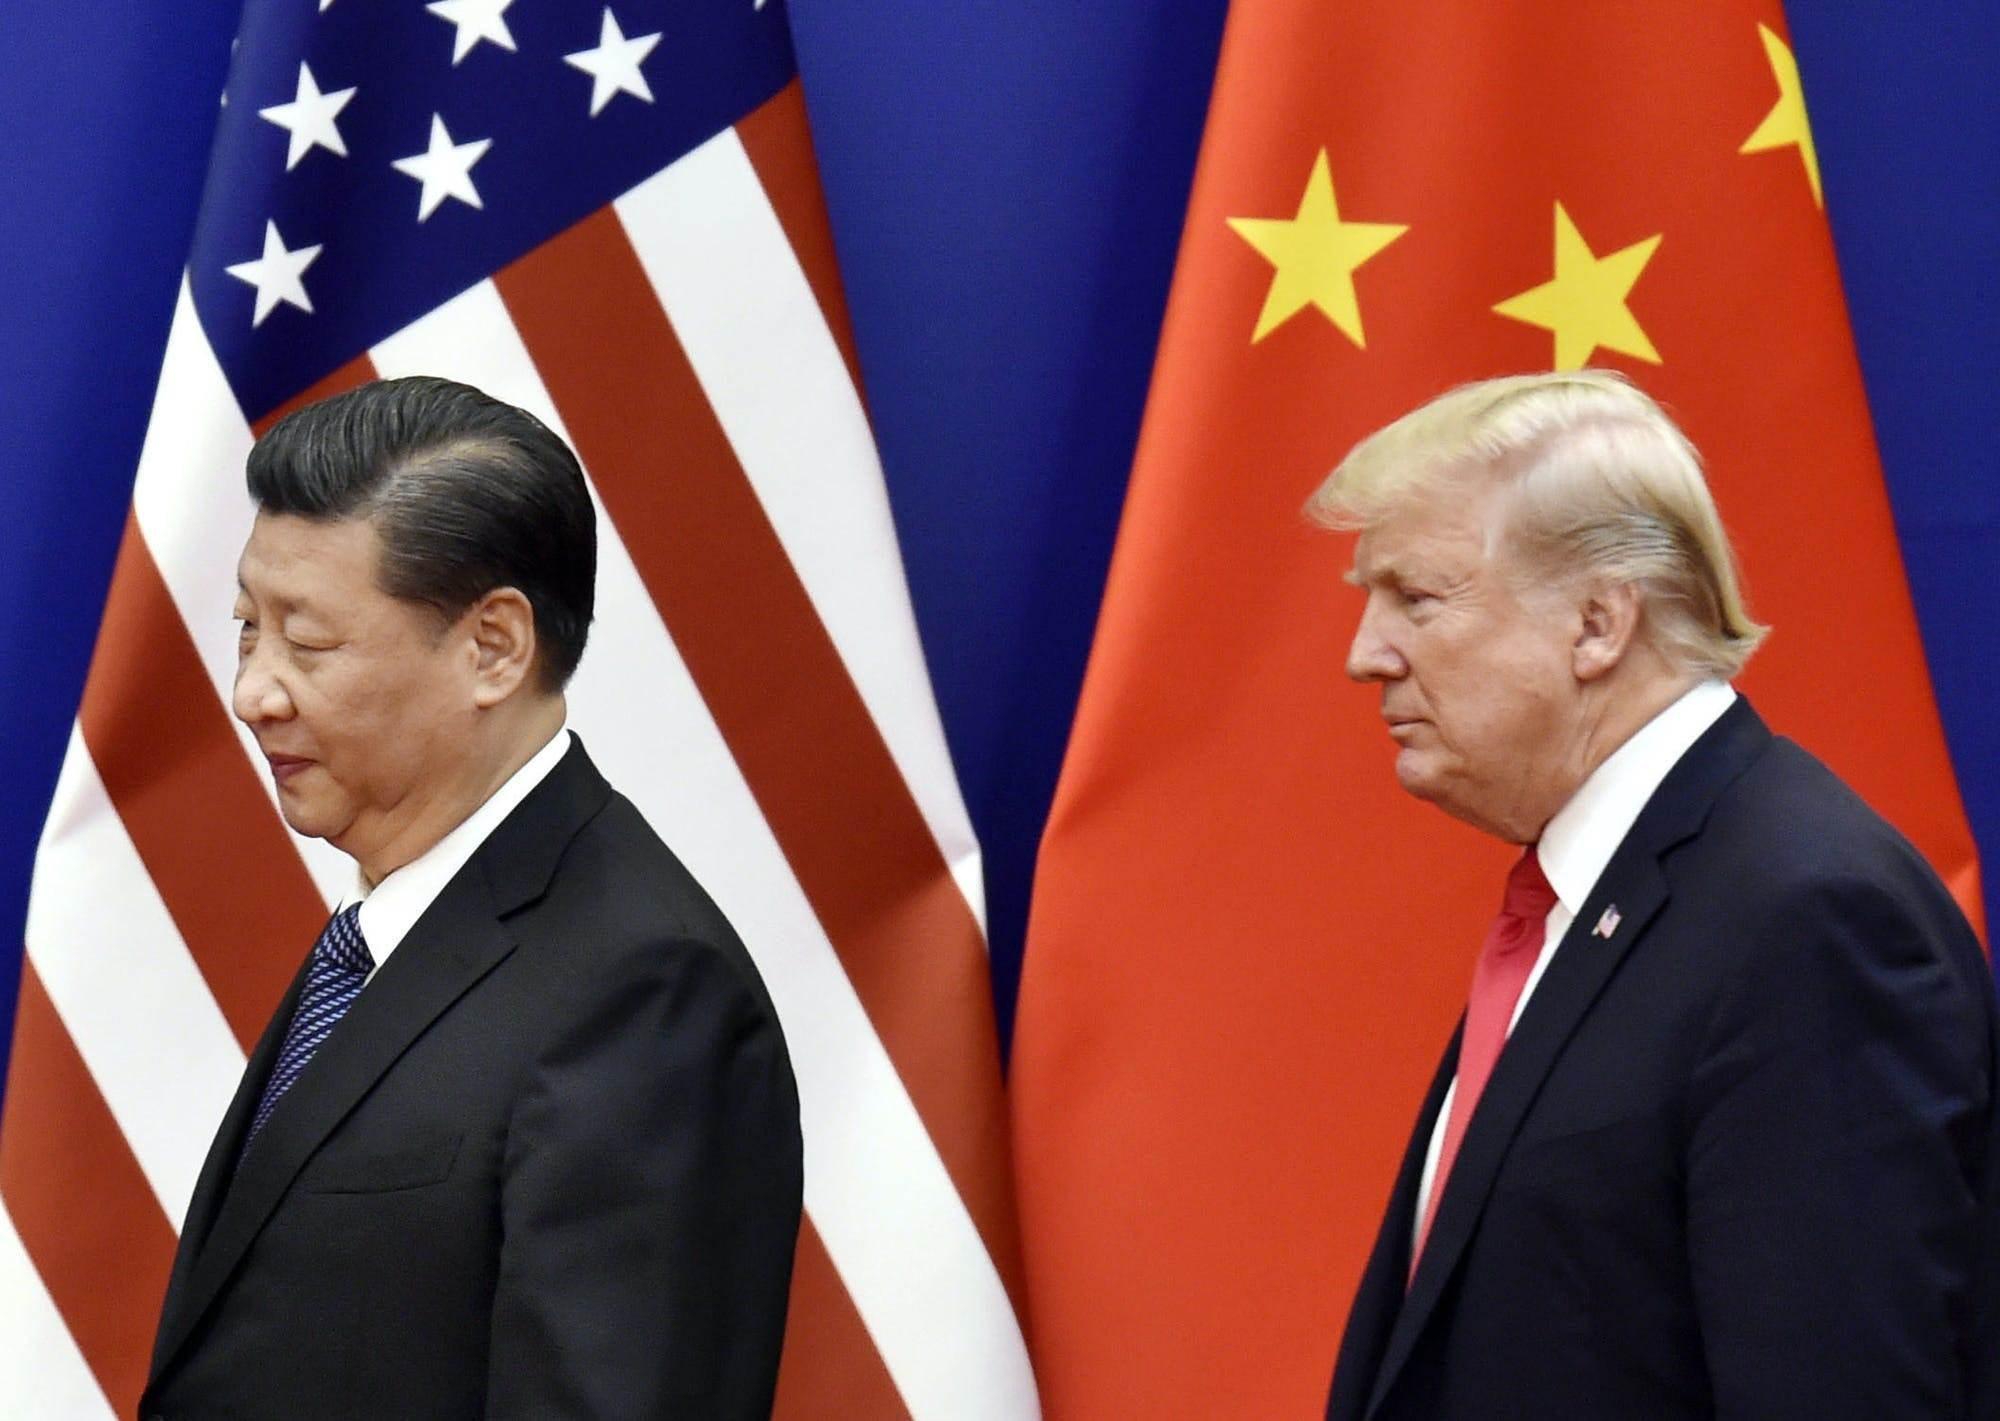 الرئيس الأميركي دونالد ترامب والرئيس الصيني شي جين بينغ خلال لقاء لهما (Getty Images)